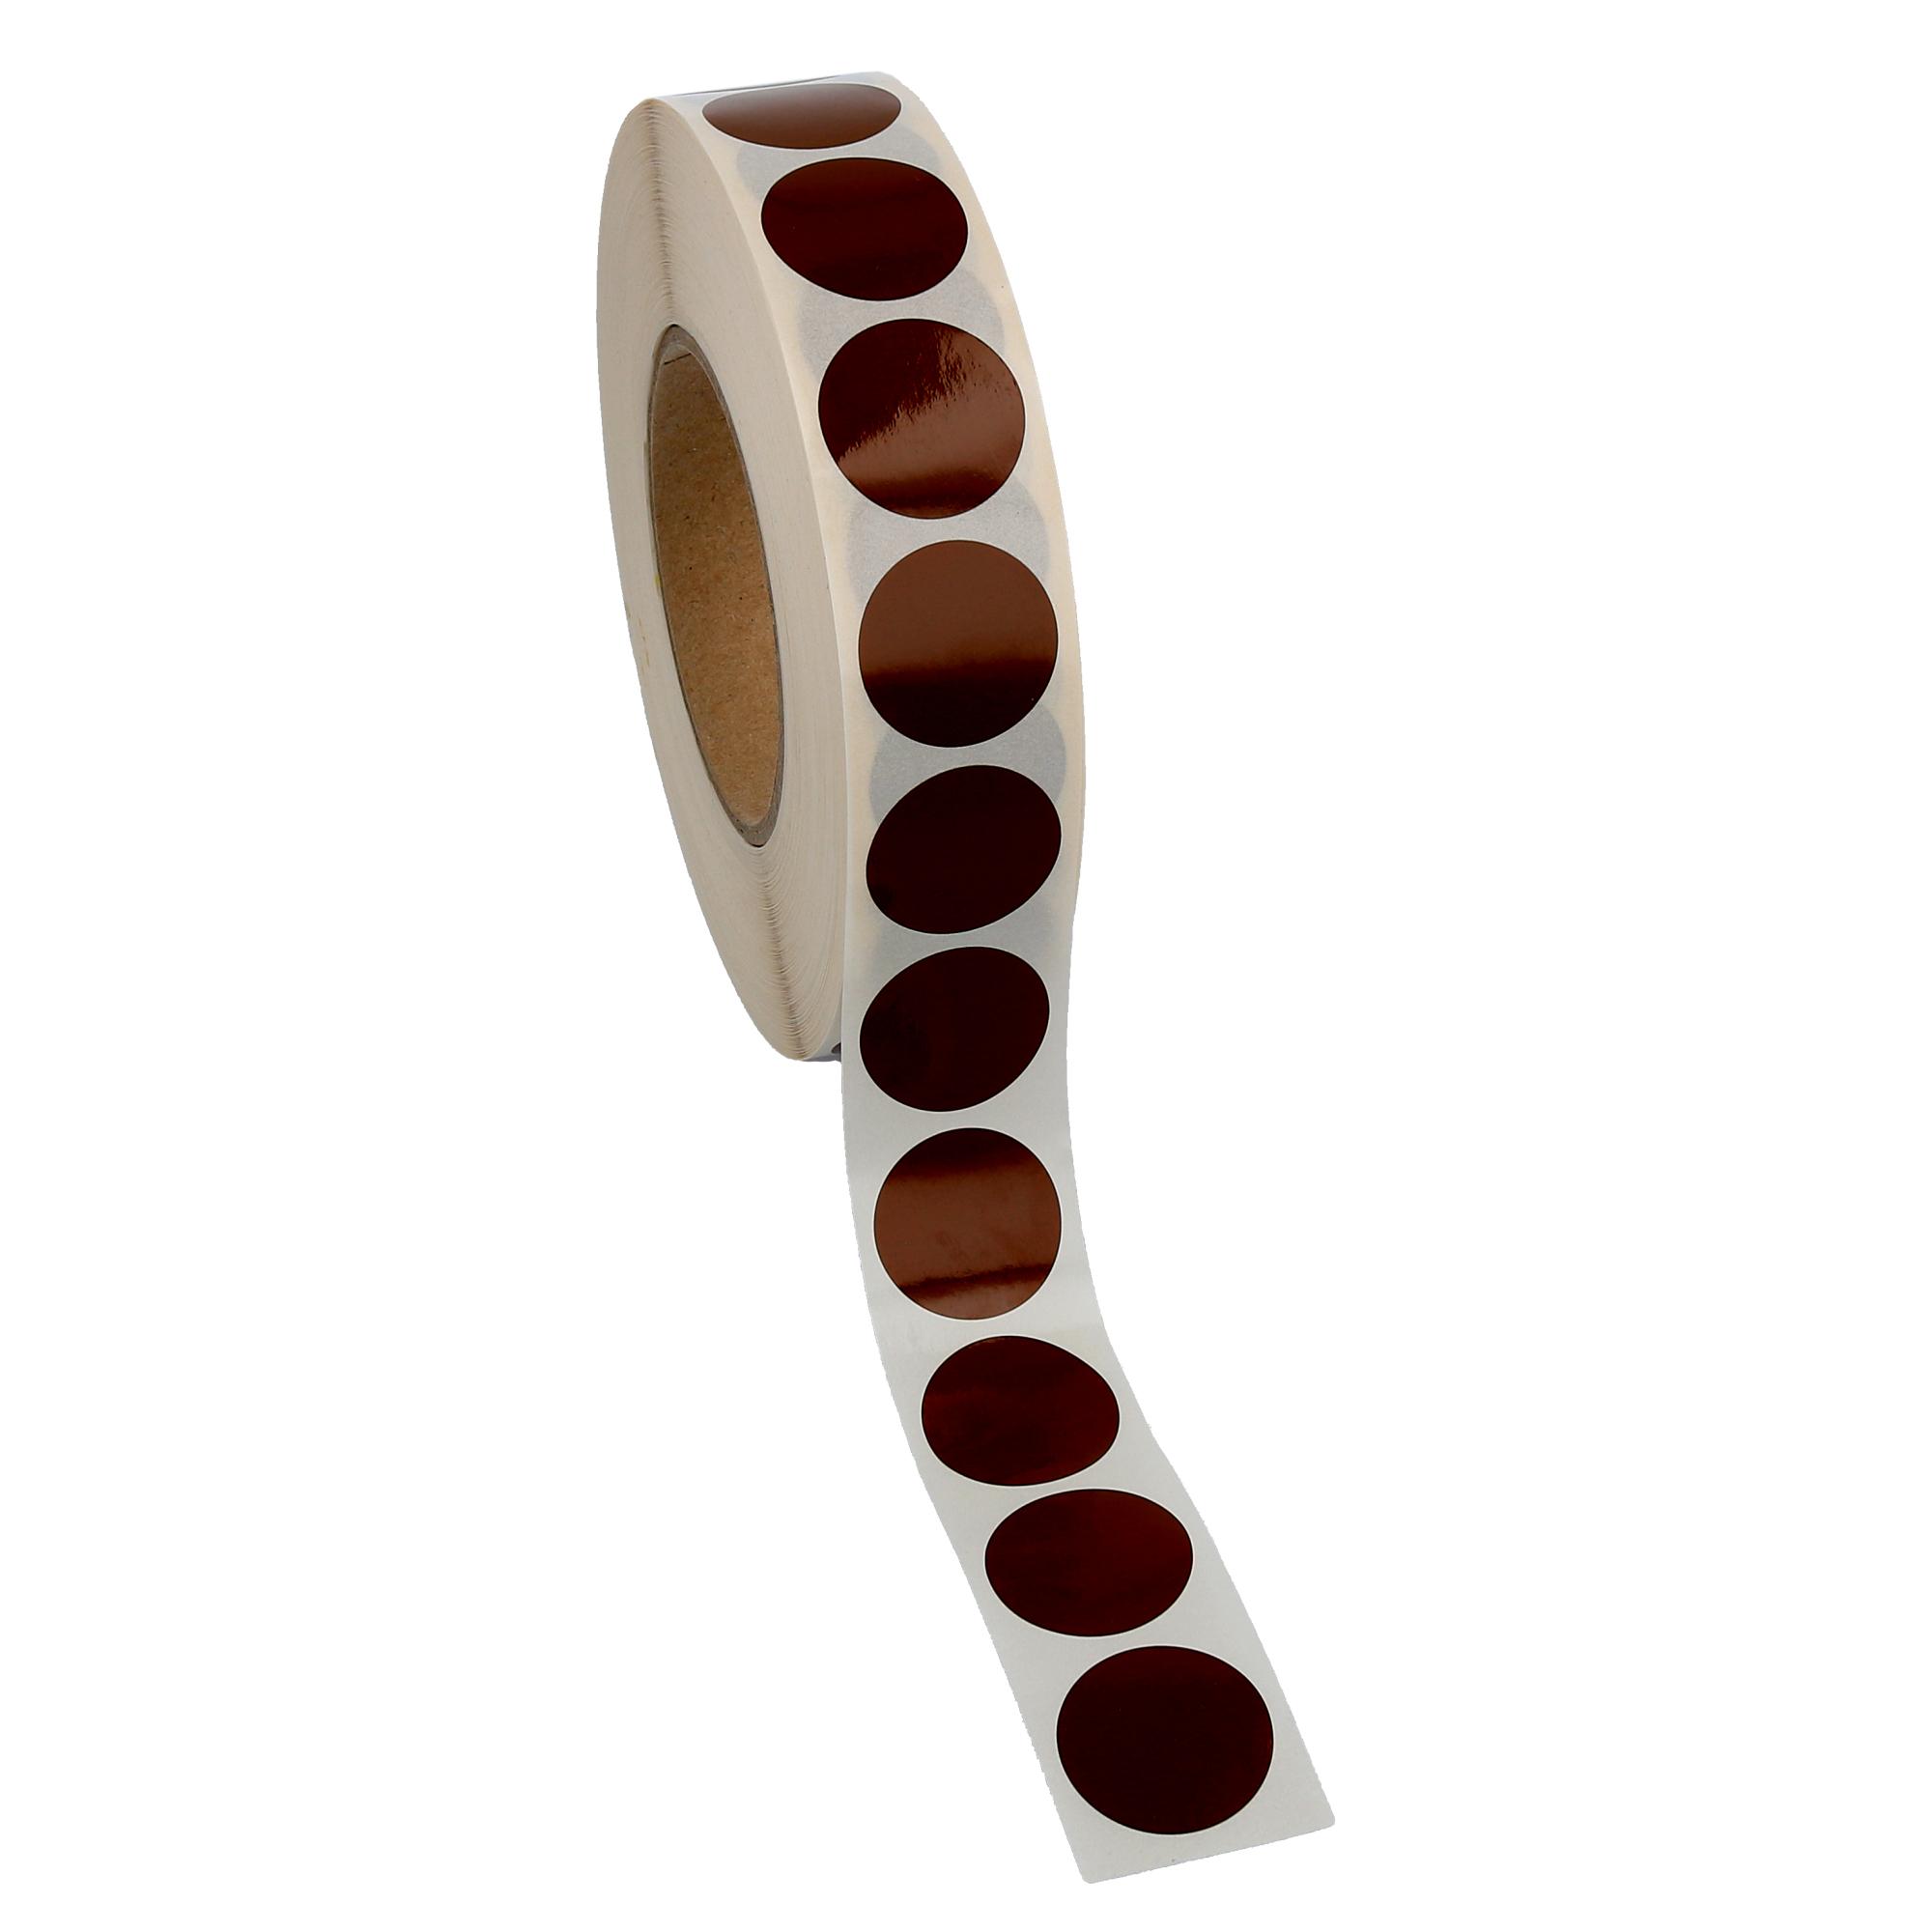 3000-Markierungspunkte-30-mm-rund-Folie-braun-permanent-1-Rolle-n